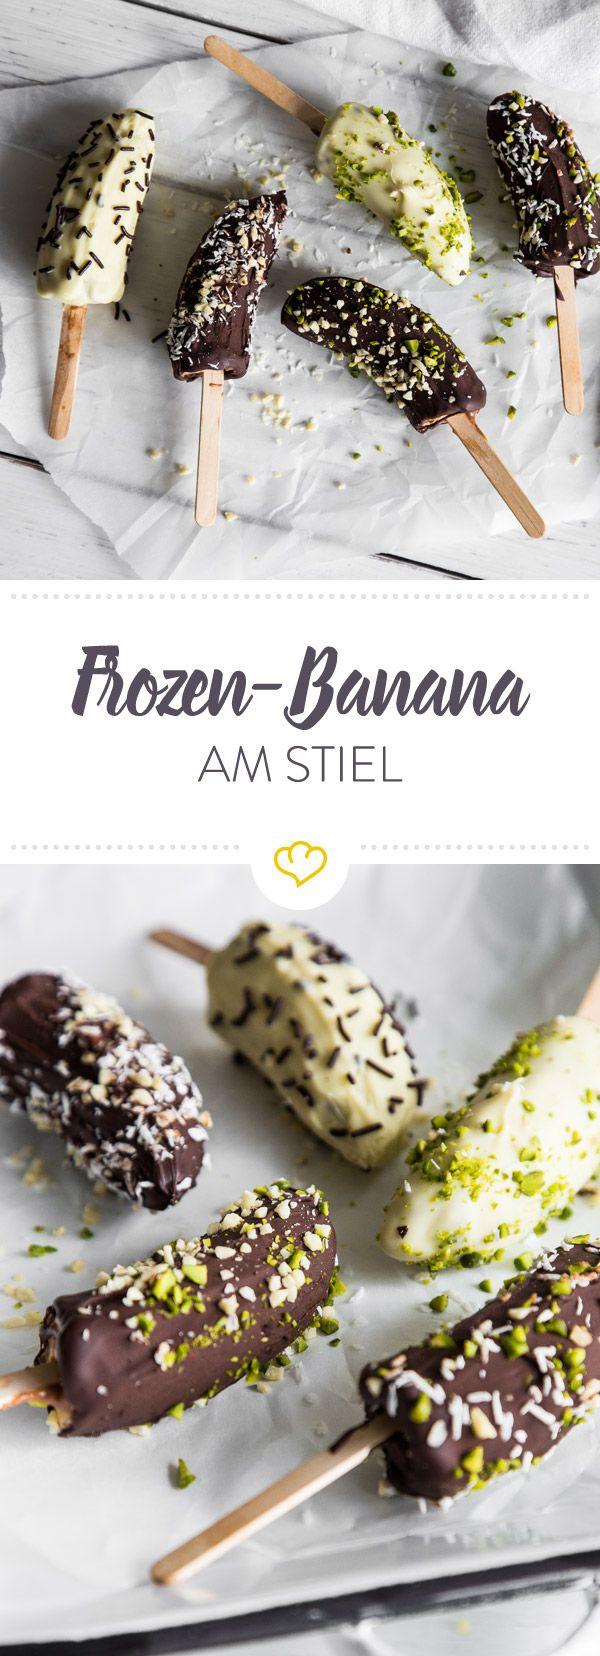 Schoko-Bananen 2.0: Mit Mandelmus und Schokolade umhüllt und mit Toppings garniert, sind diese eisgekühlten Früchtchen am Stiel der ultimative Sommer-Snack. (Icecream Cake)